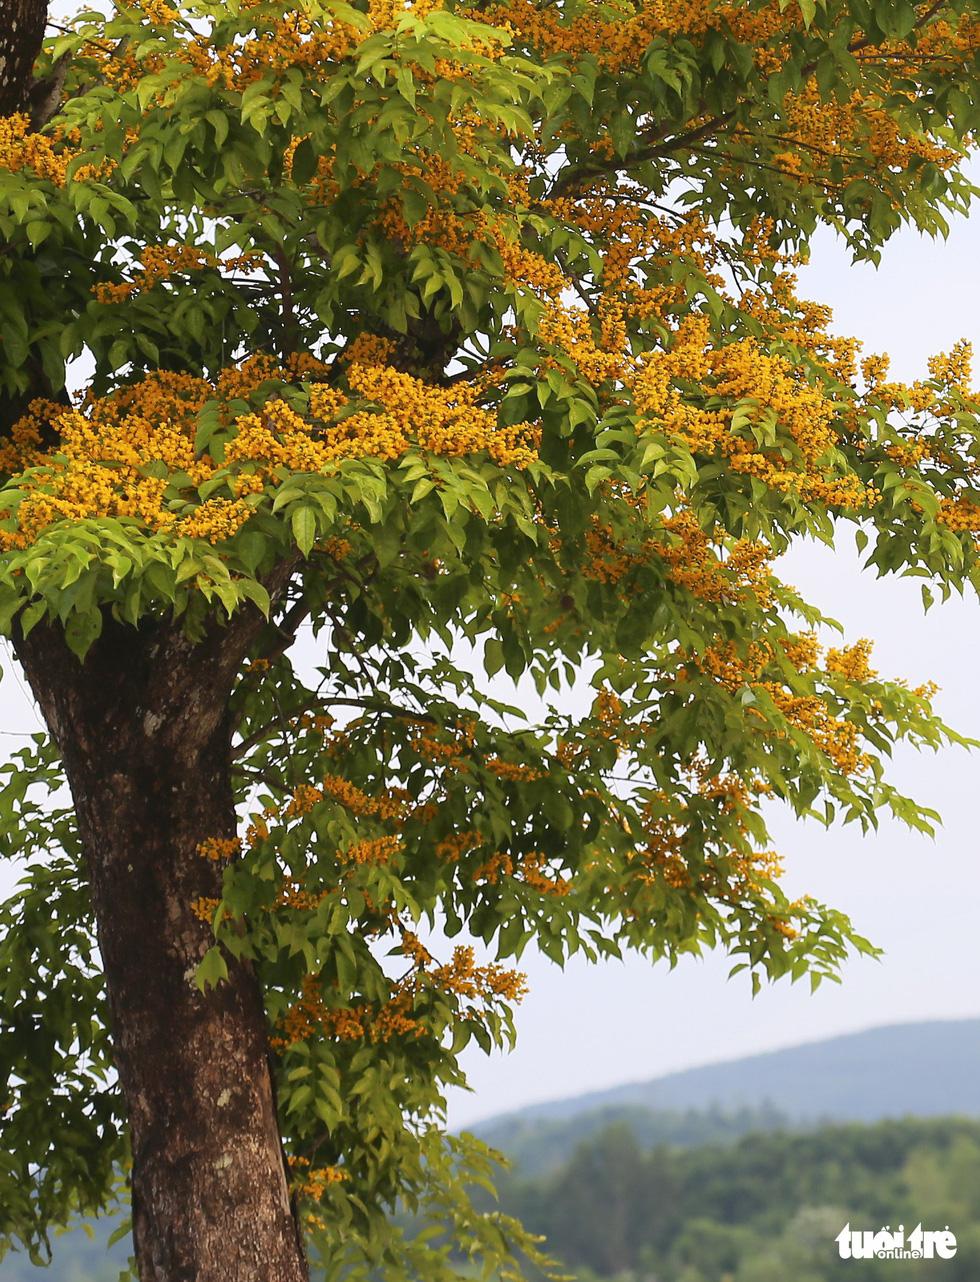 Mùa hoa sưa vàng đẹp như tranh ở xứ Quảng - Ảnh 8.